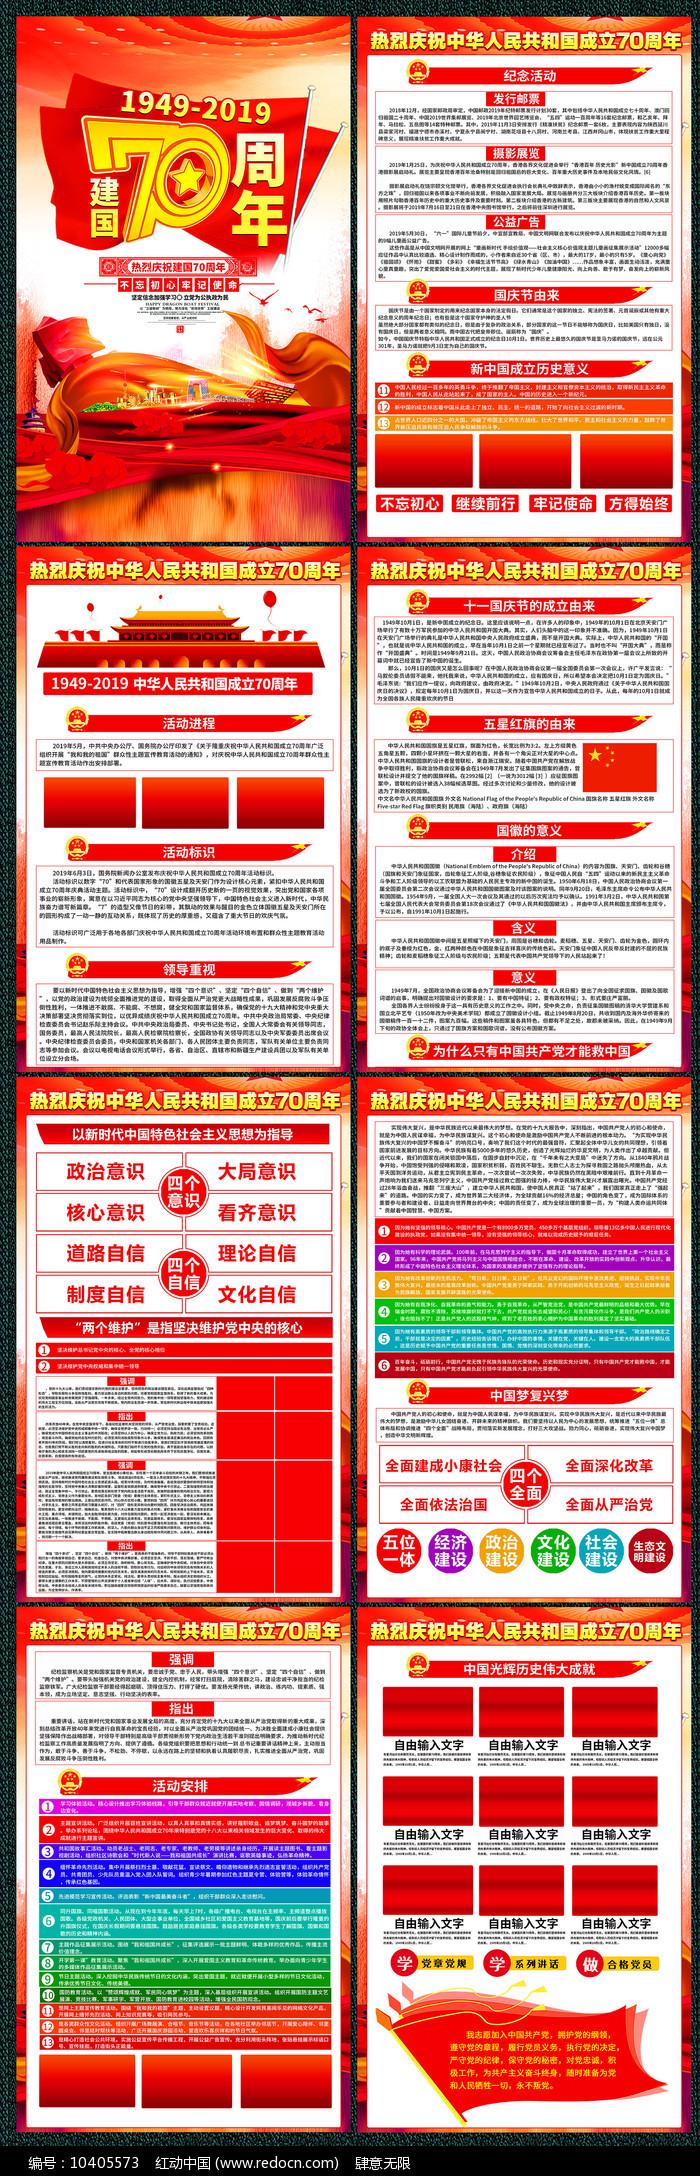 2019建国70周年党建宣传展板图片